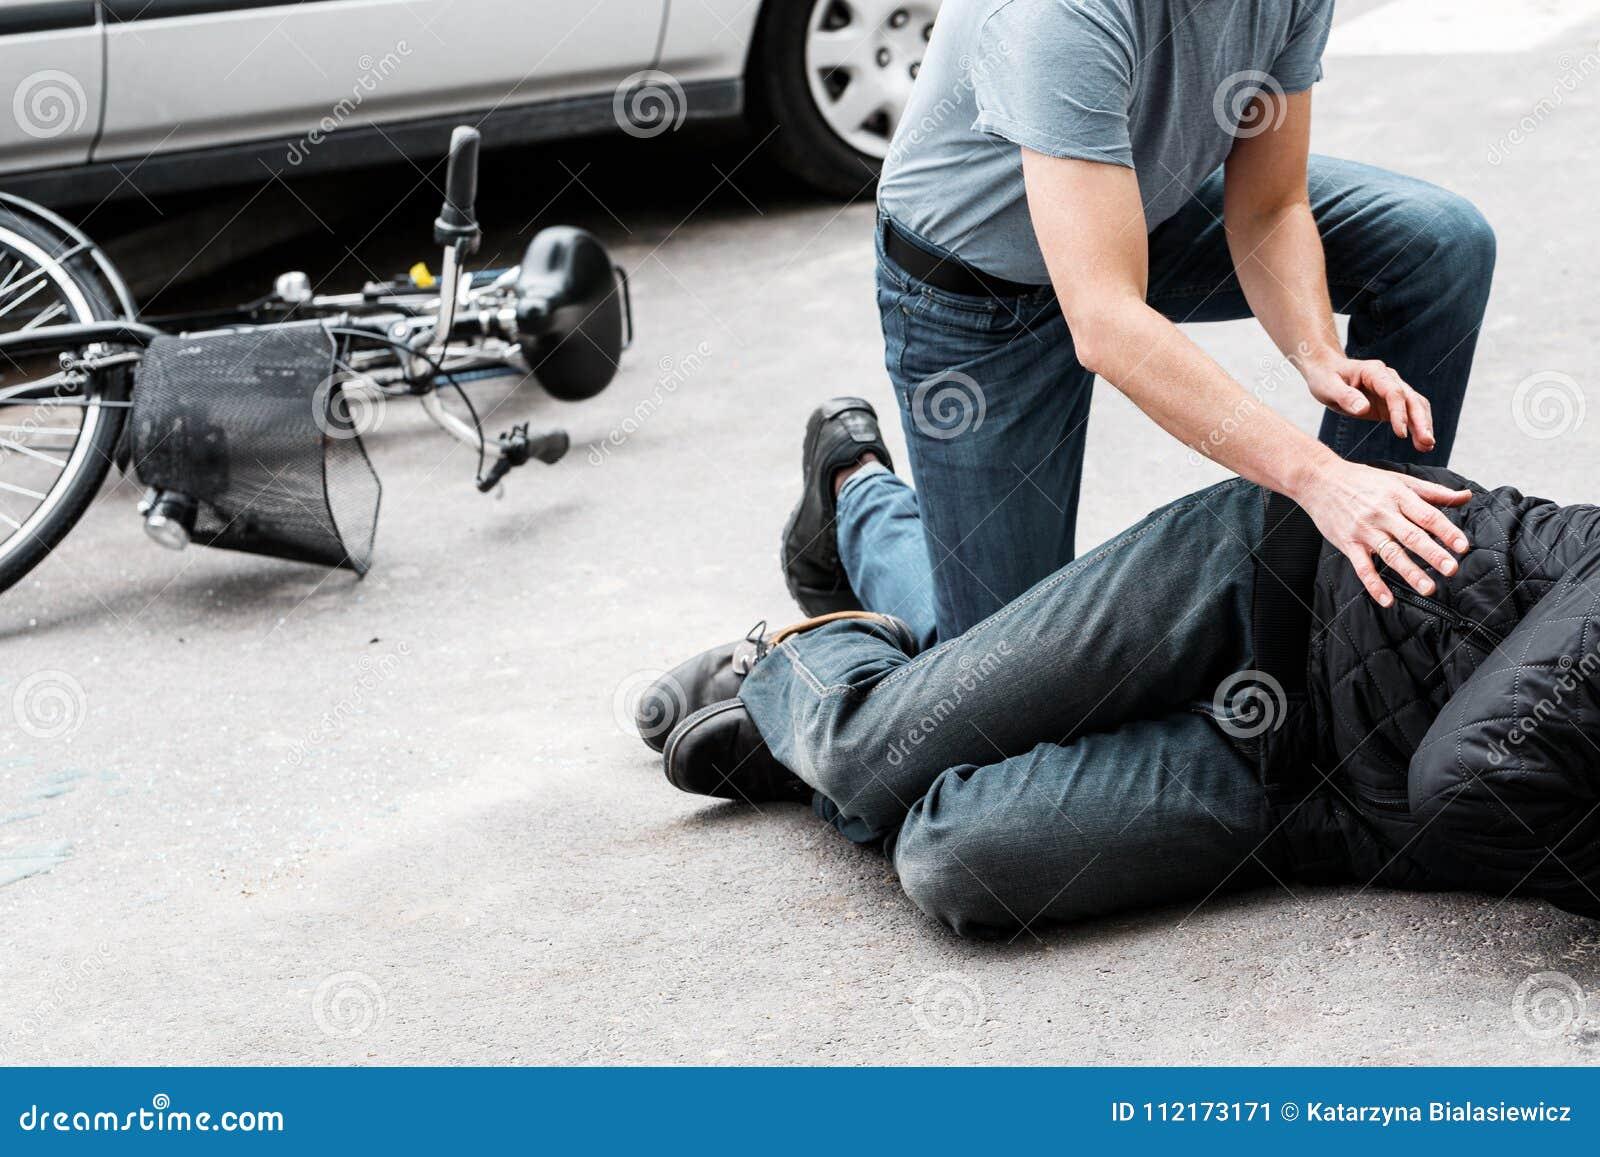 步行帮助的事故受害者